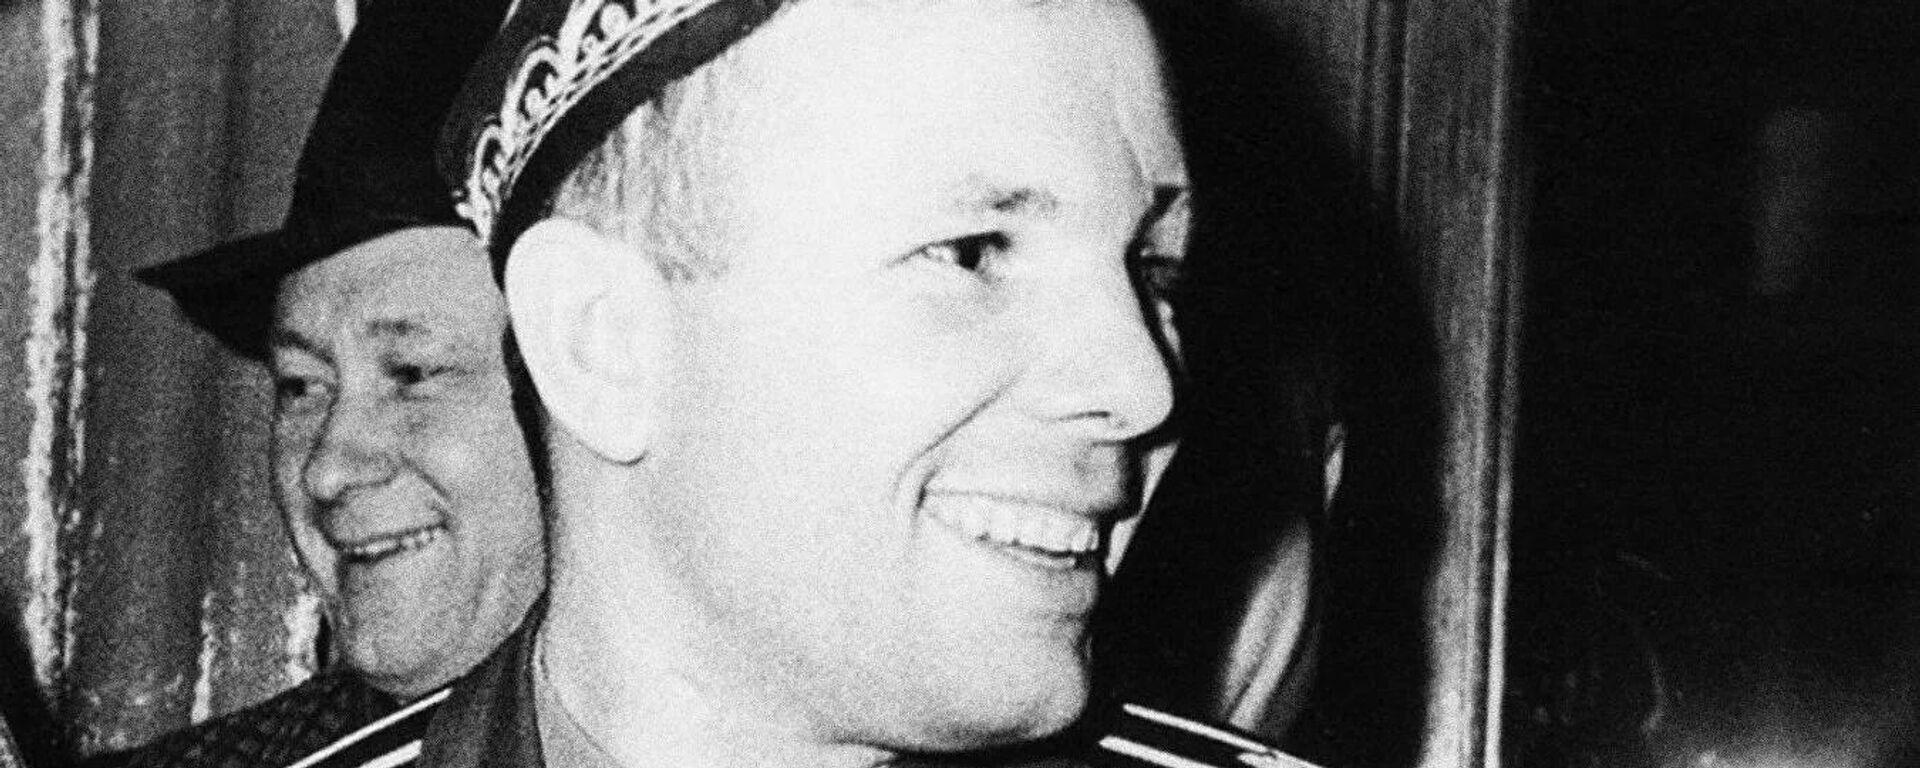 Космонавт Юрий Гагарин в Ташкенте - Sputnik Таджикистан, 1920, 12.04.2021